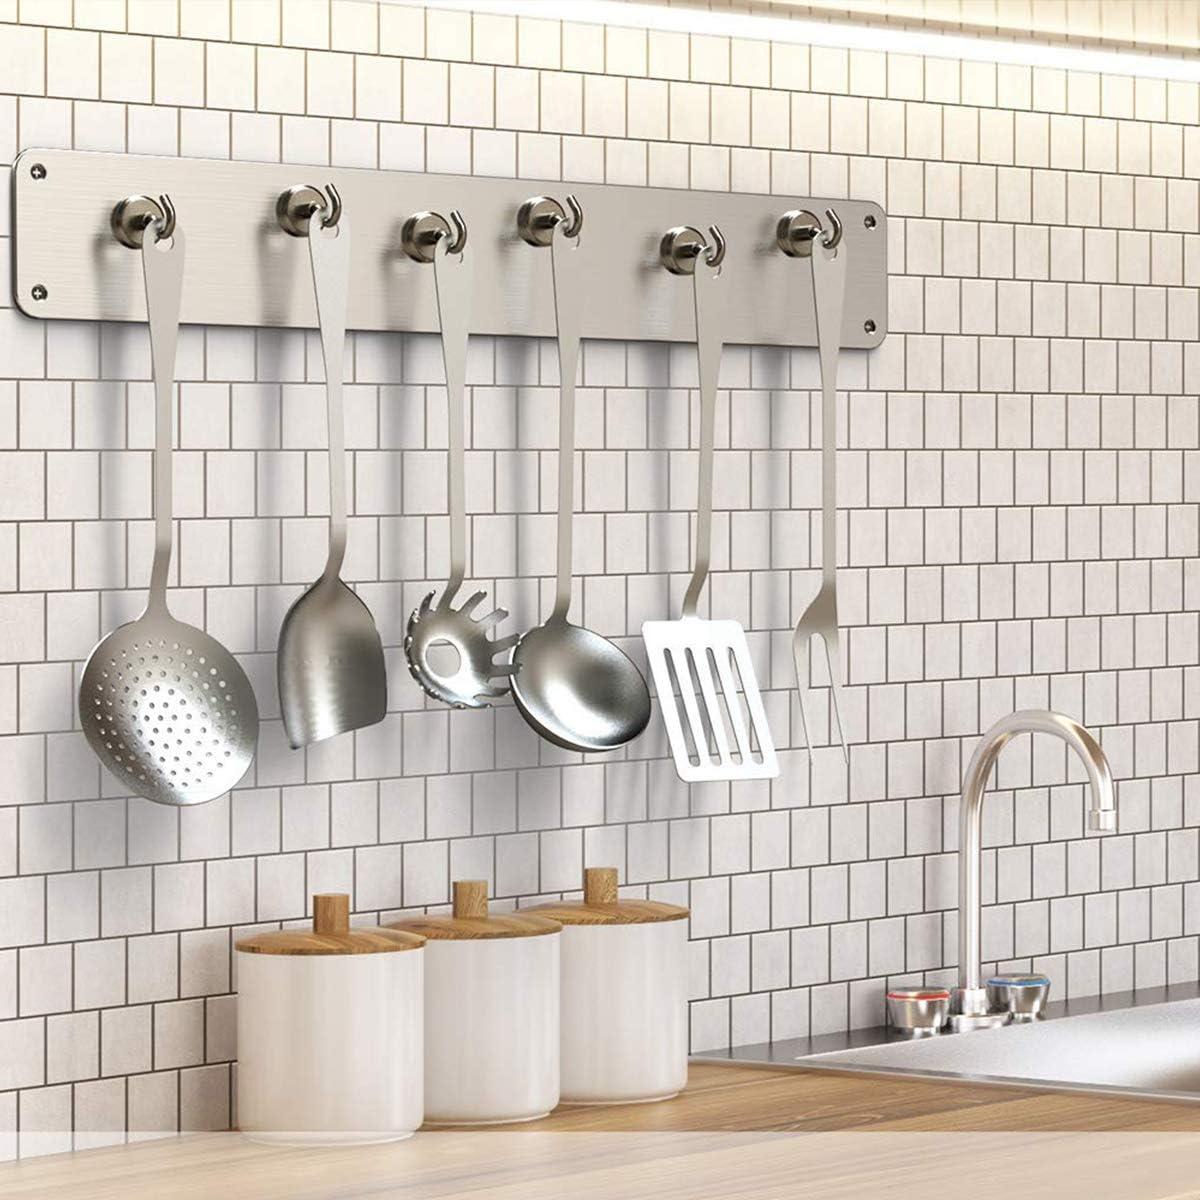 Gancho magn/ético ganchos de im/án de neodimio fuertes adecuado para el hogar el garaje la cocina la oficina el lugar de trabajo 2 piezas